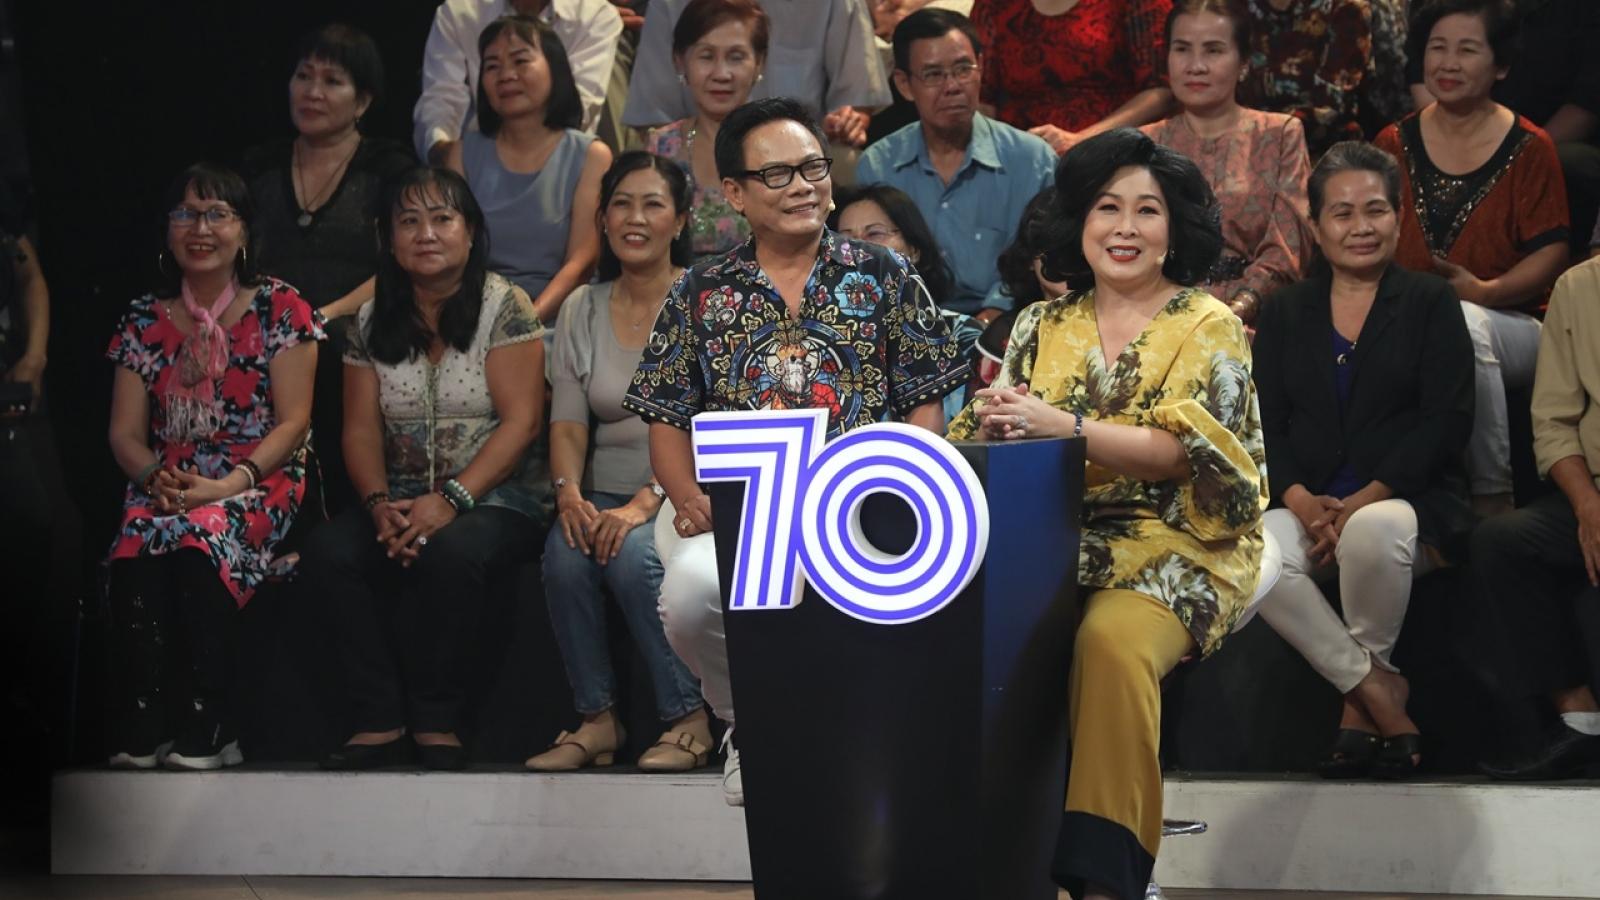 NSND Hồng Vân tiết lộ nghệ sĩ không được uống nước mía trước khi lên sân khấu